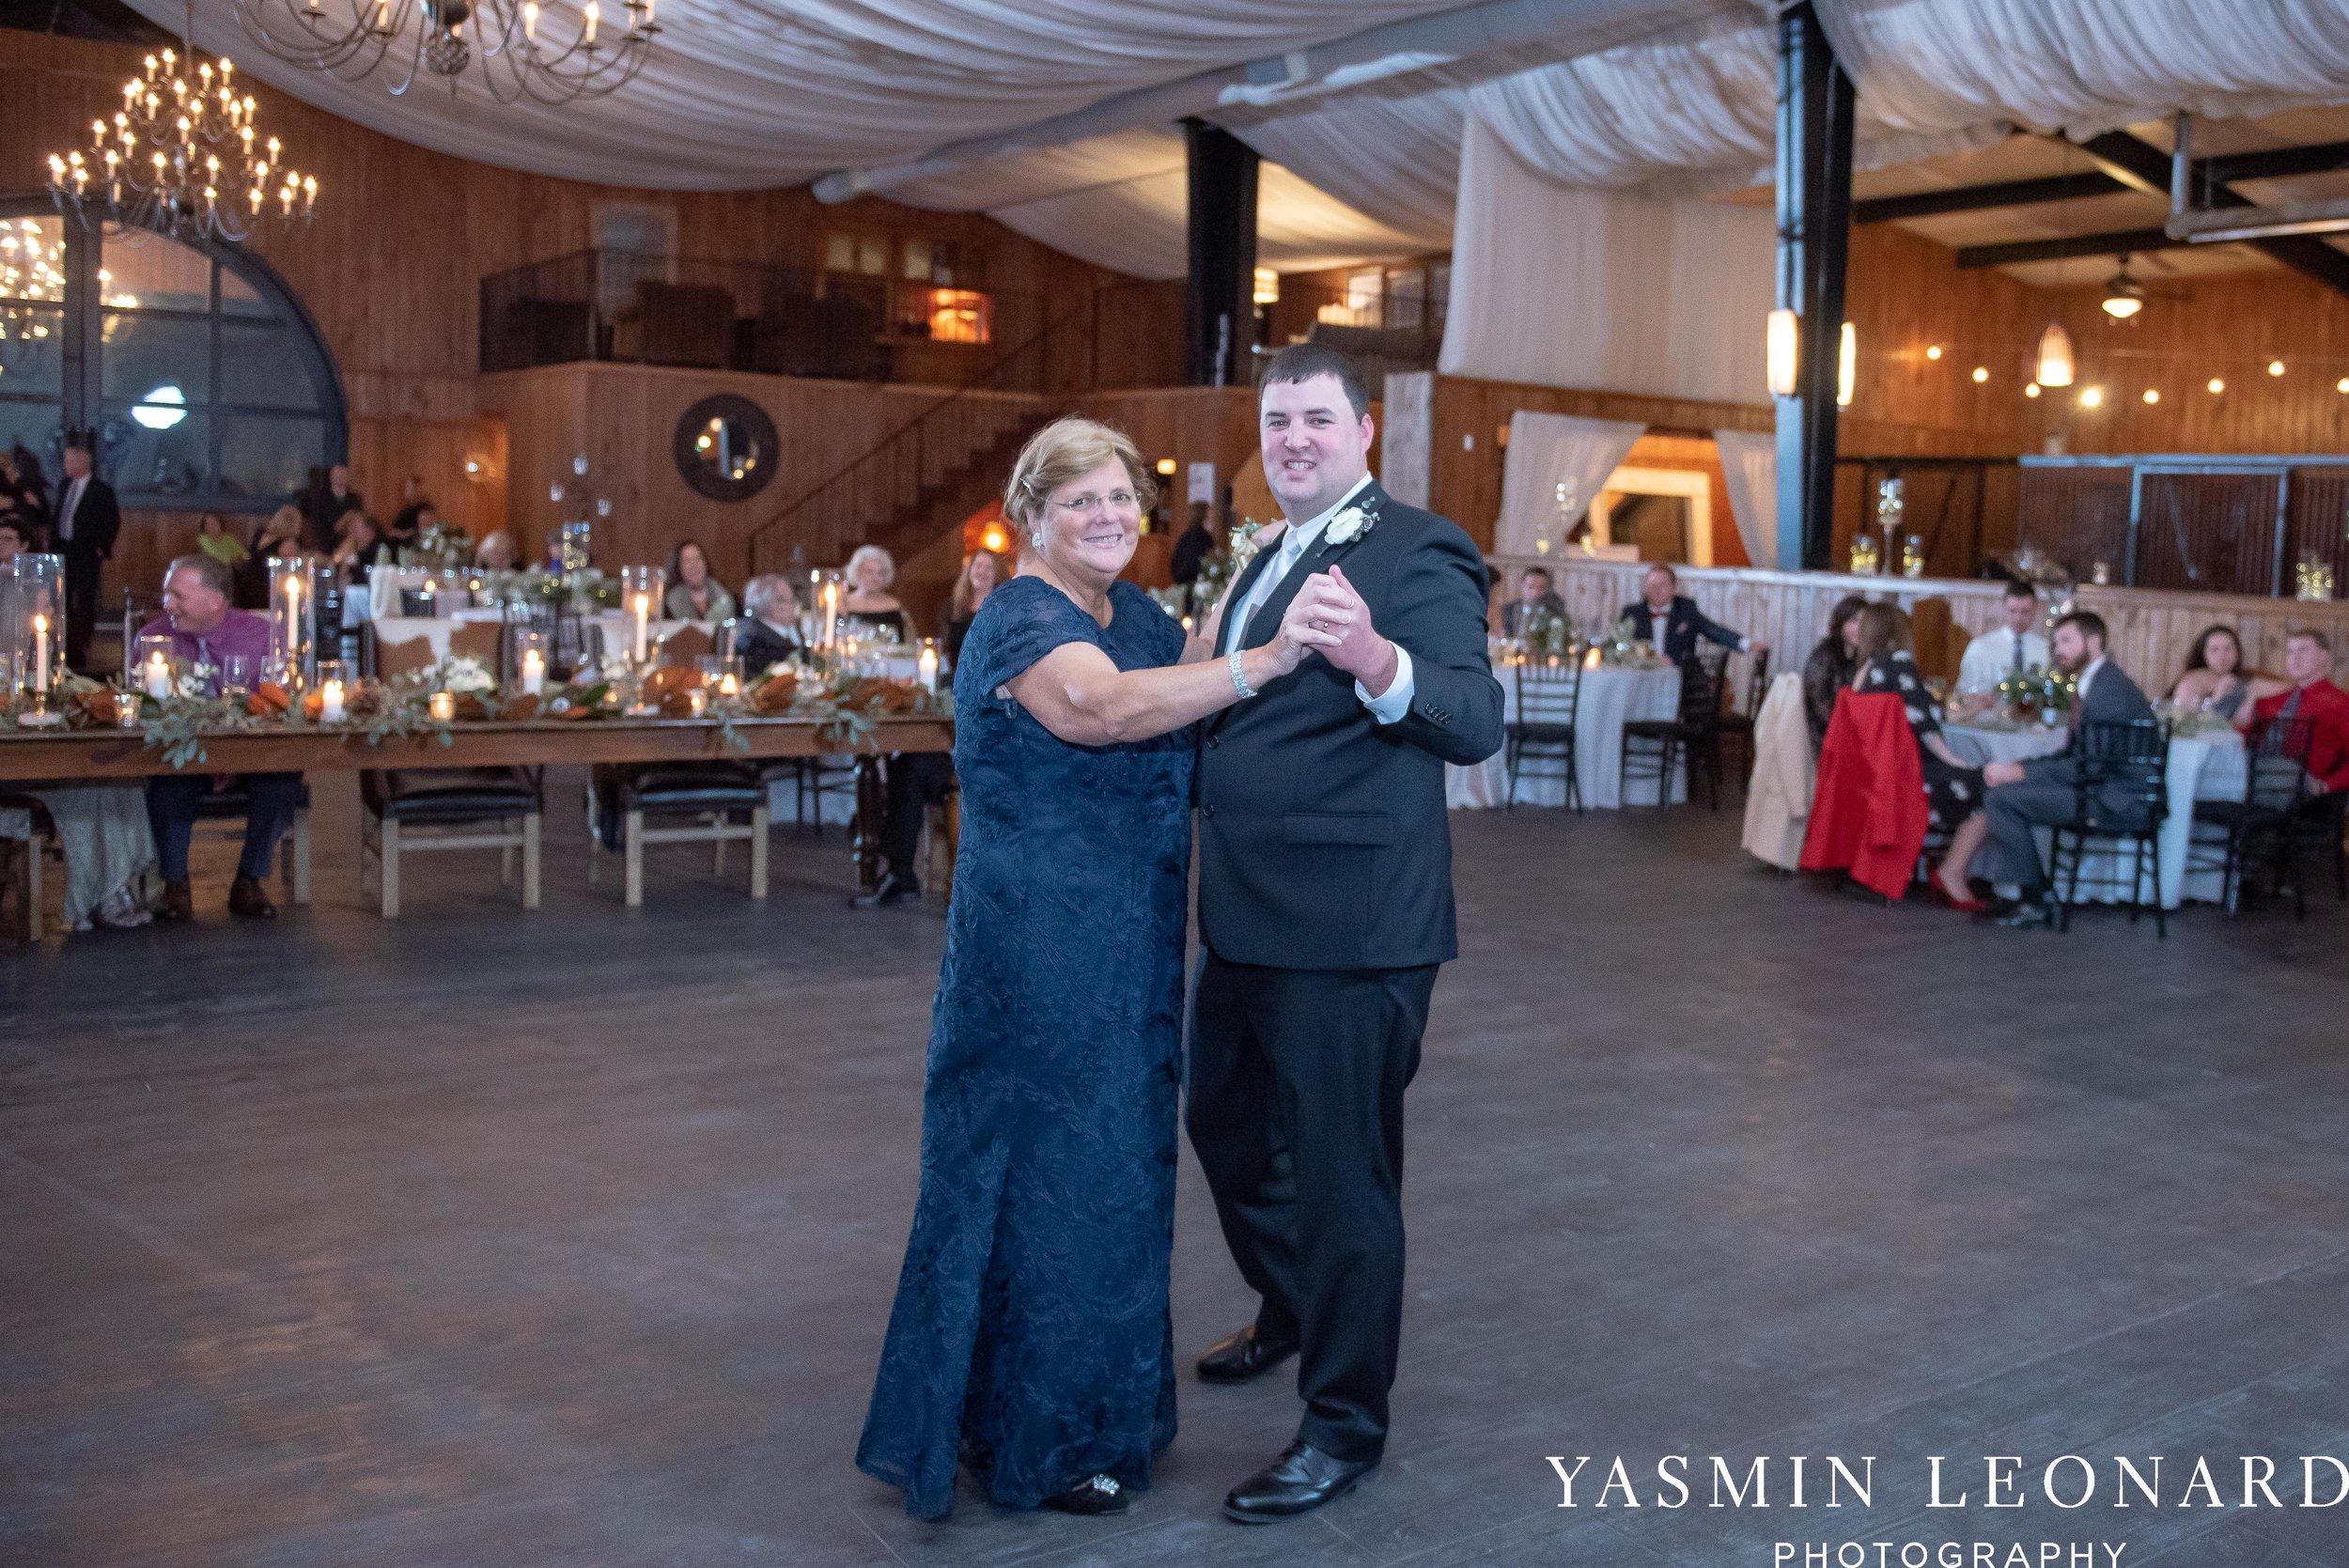 Adaumont Farm - Wesley Memorial Weddings - High Point Weddings - Just Priceless - NC Wedding Photographer - Yasmin Leonard Photography - High Point Wedding Vendors-62.jpg